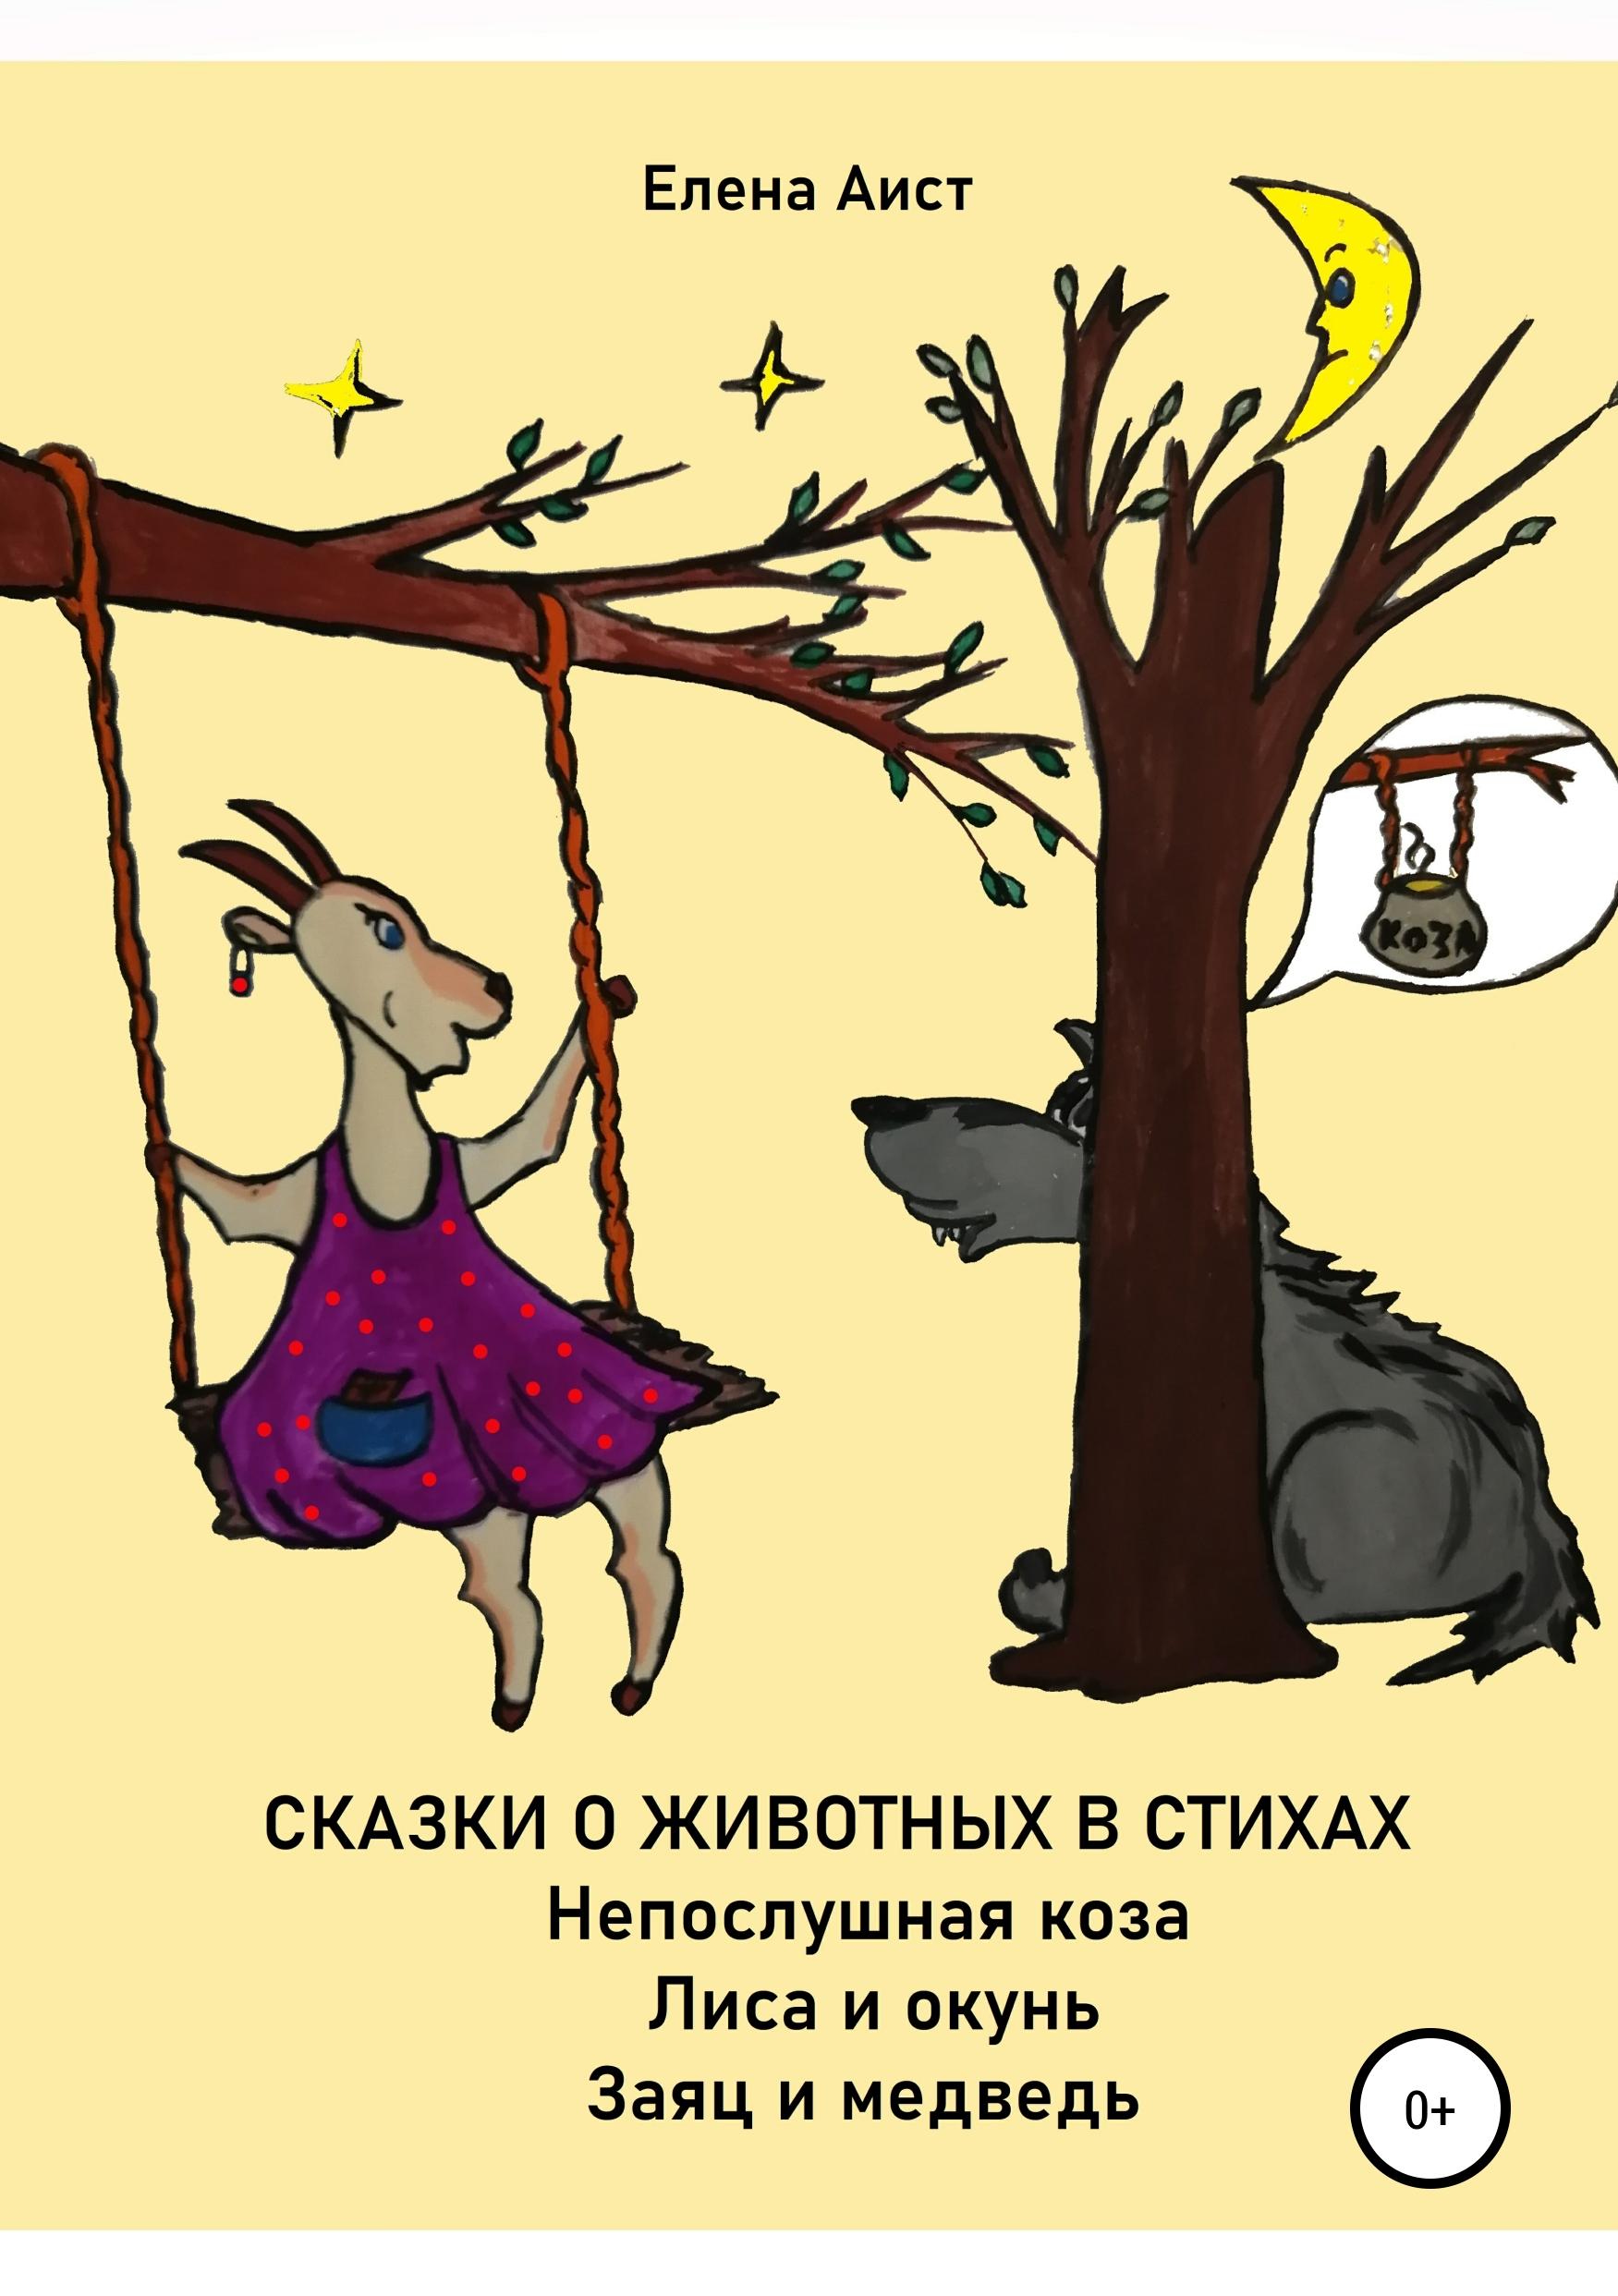 Елена Аист Непослушная коза сергей филиппов серж фил аист абсолютно правдивый роман встихах